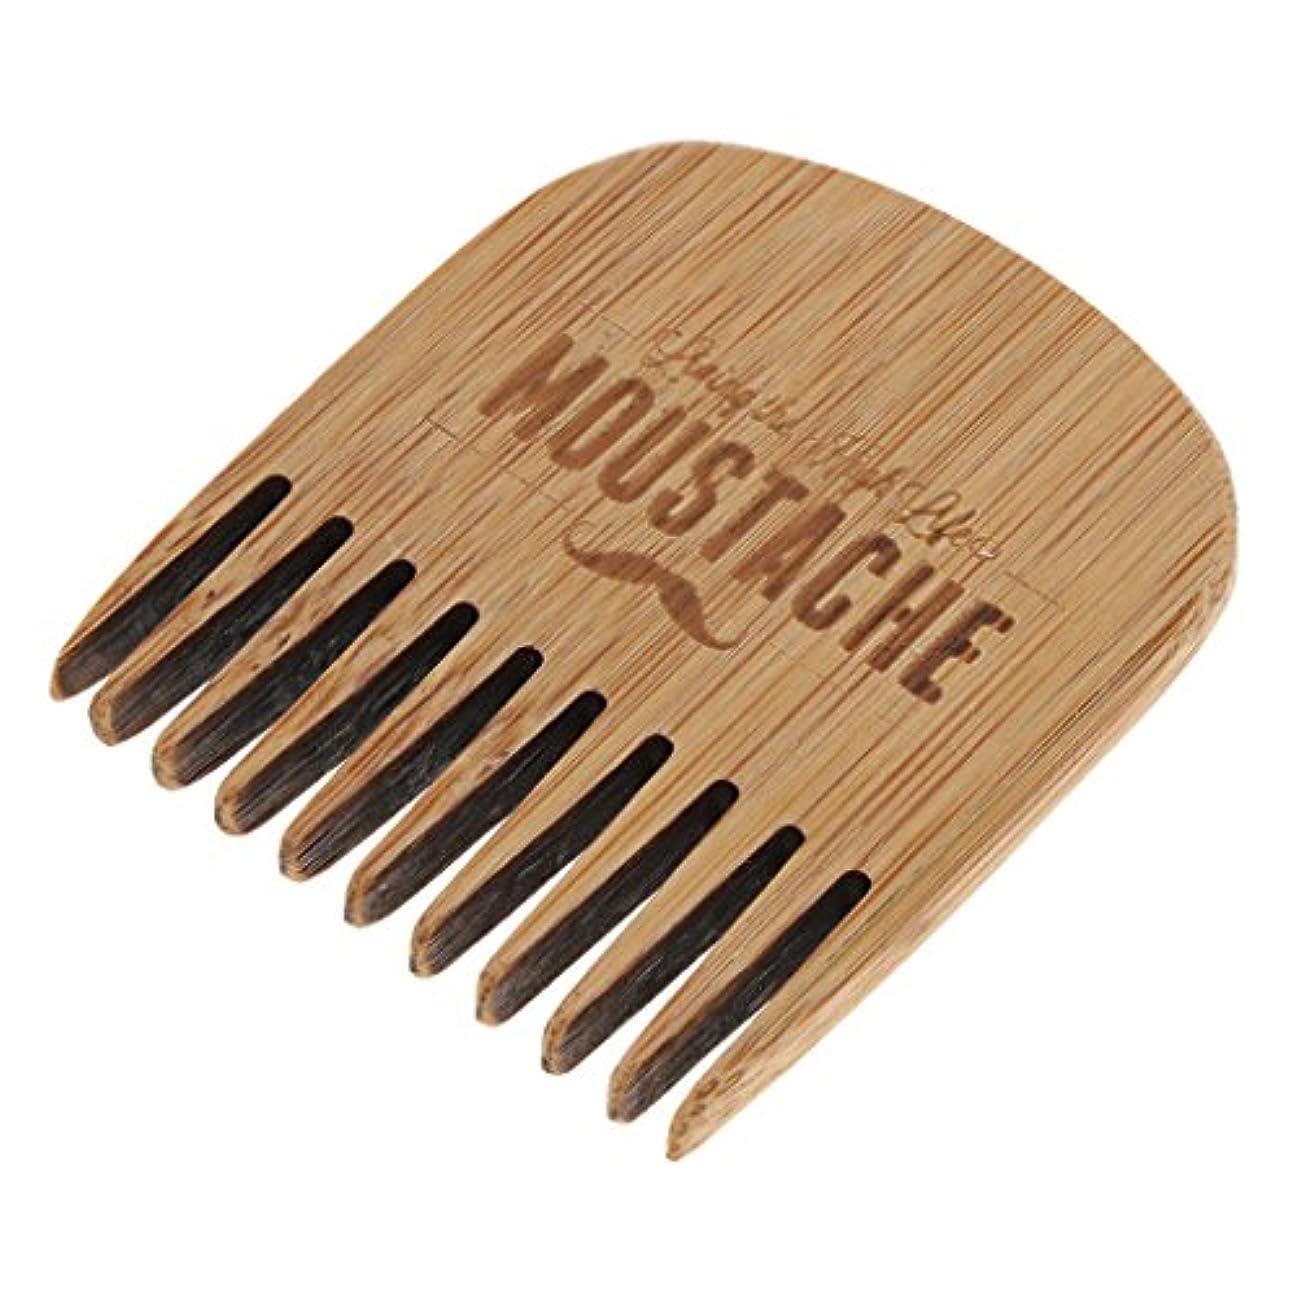 サリー屋内カナダヘアコーム ヘアダイコーム ヘアブラシ 木製櫛 木製コーム 持ち運び 便利 旅行用品